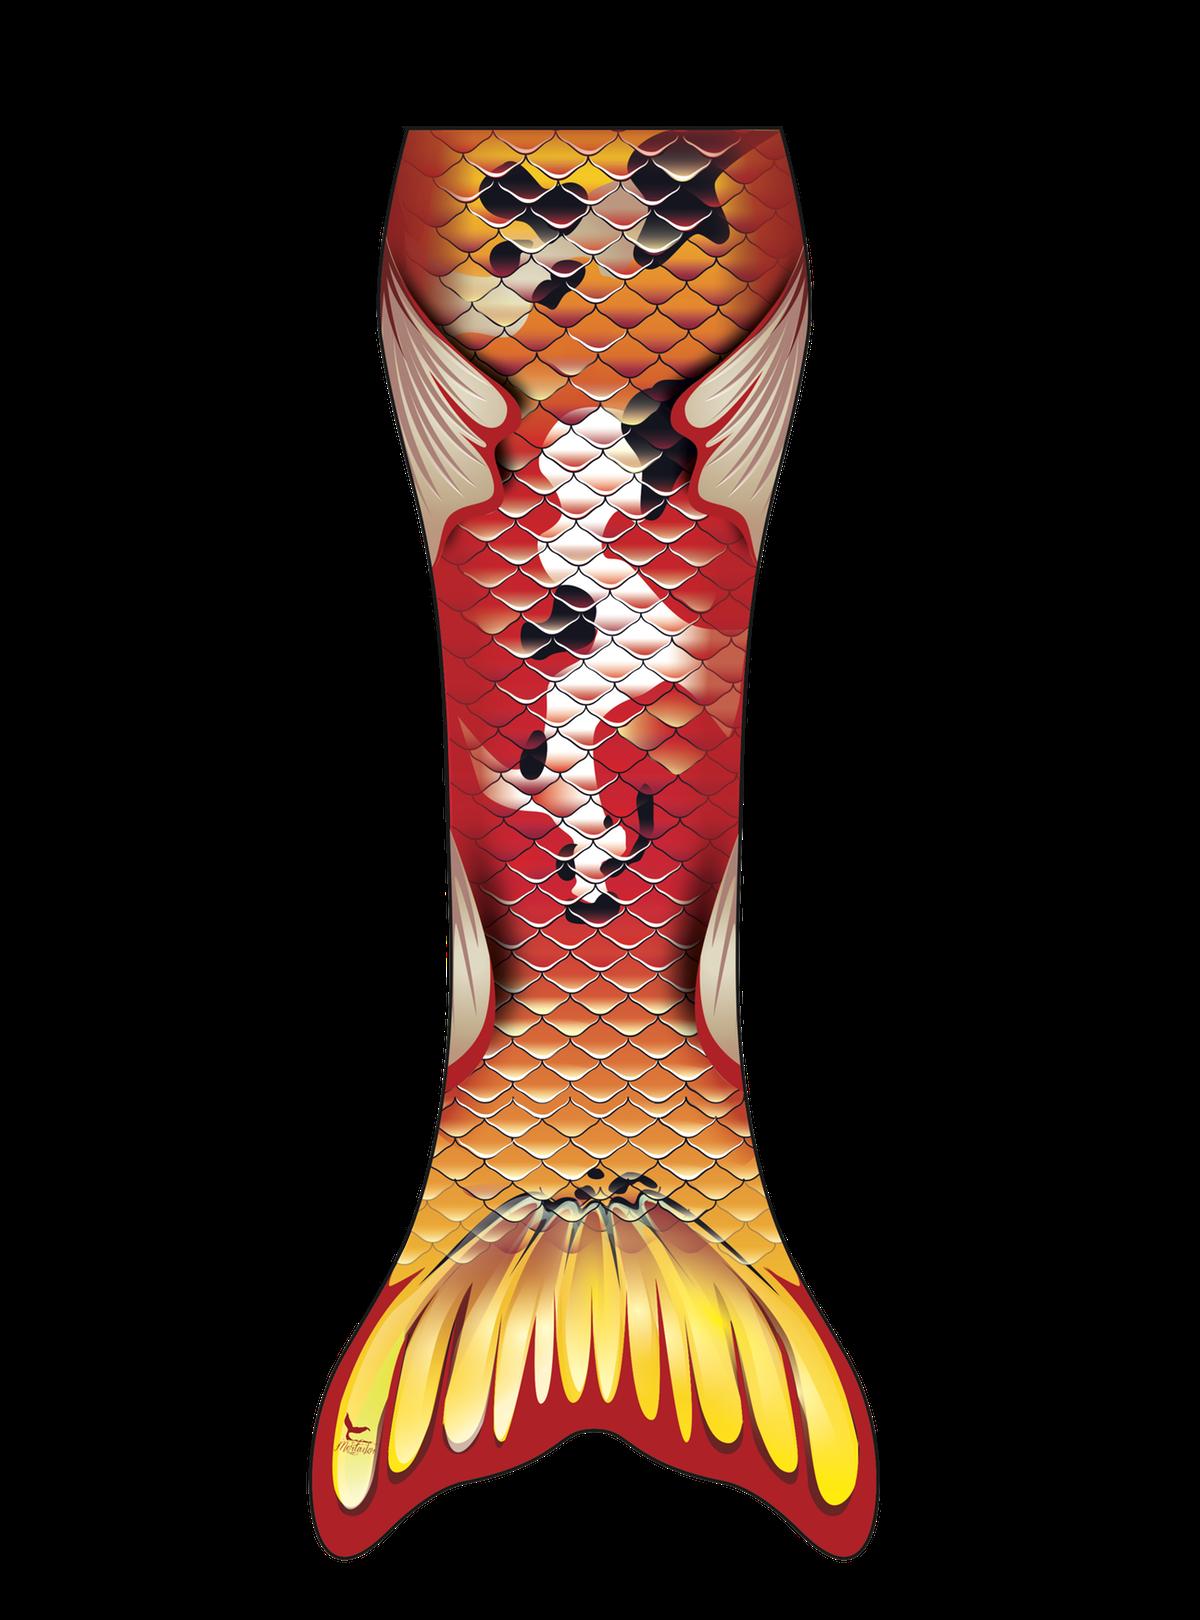 Mermaid Tail illustration